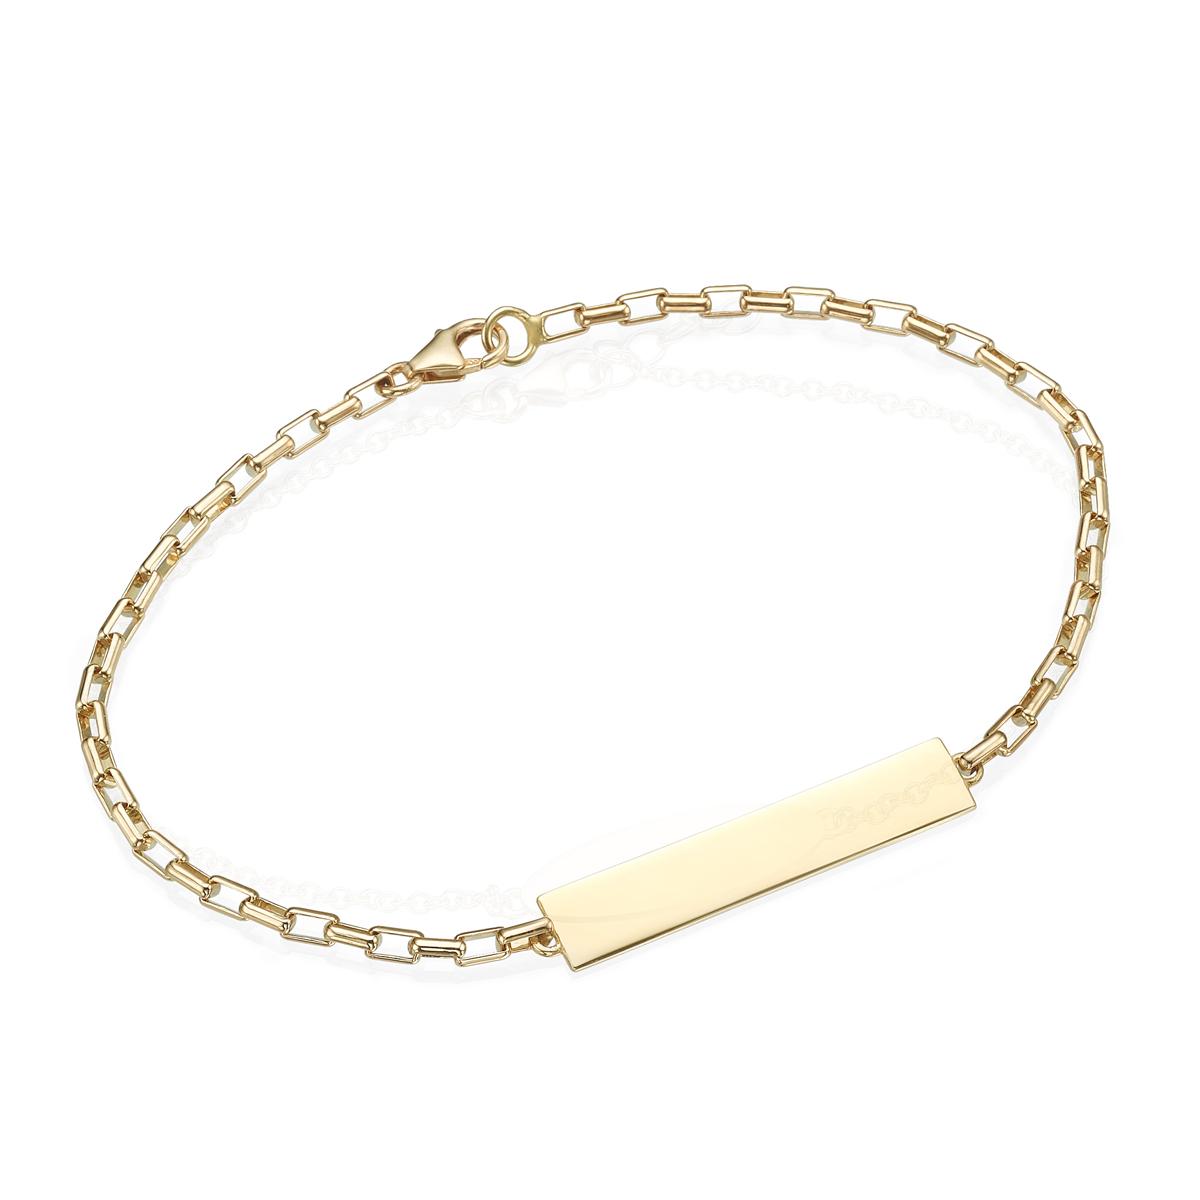 עגילי זהב ויהלומים צמודים בצורת עיגול